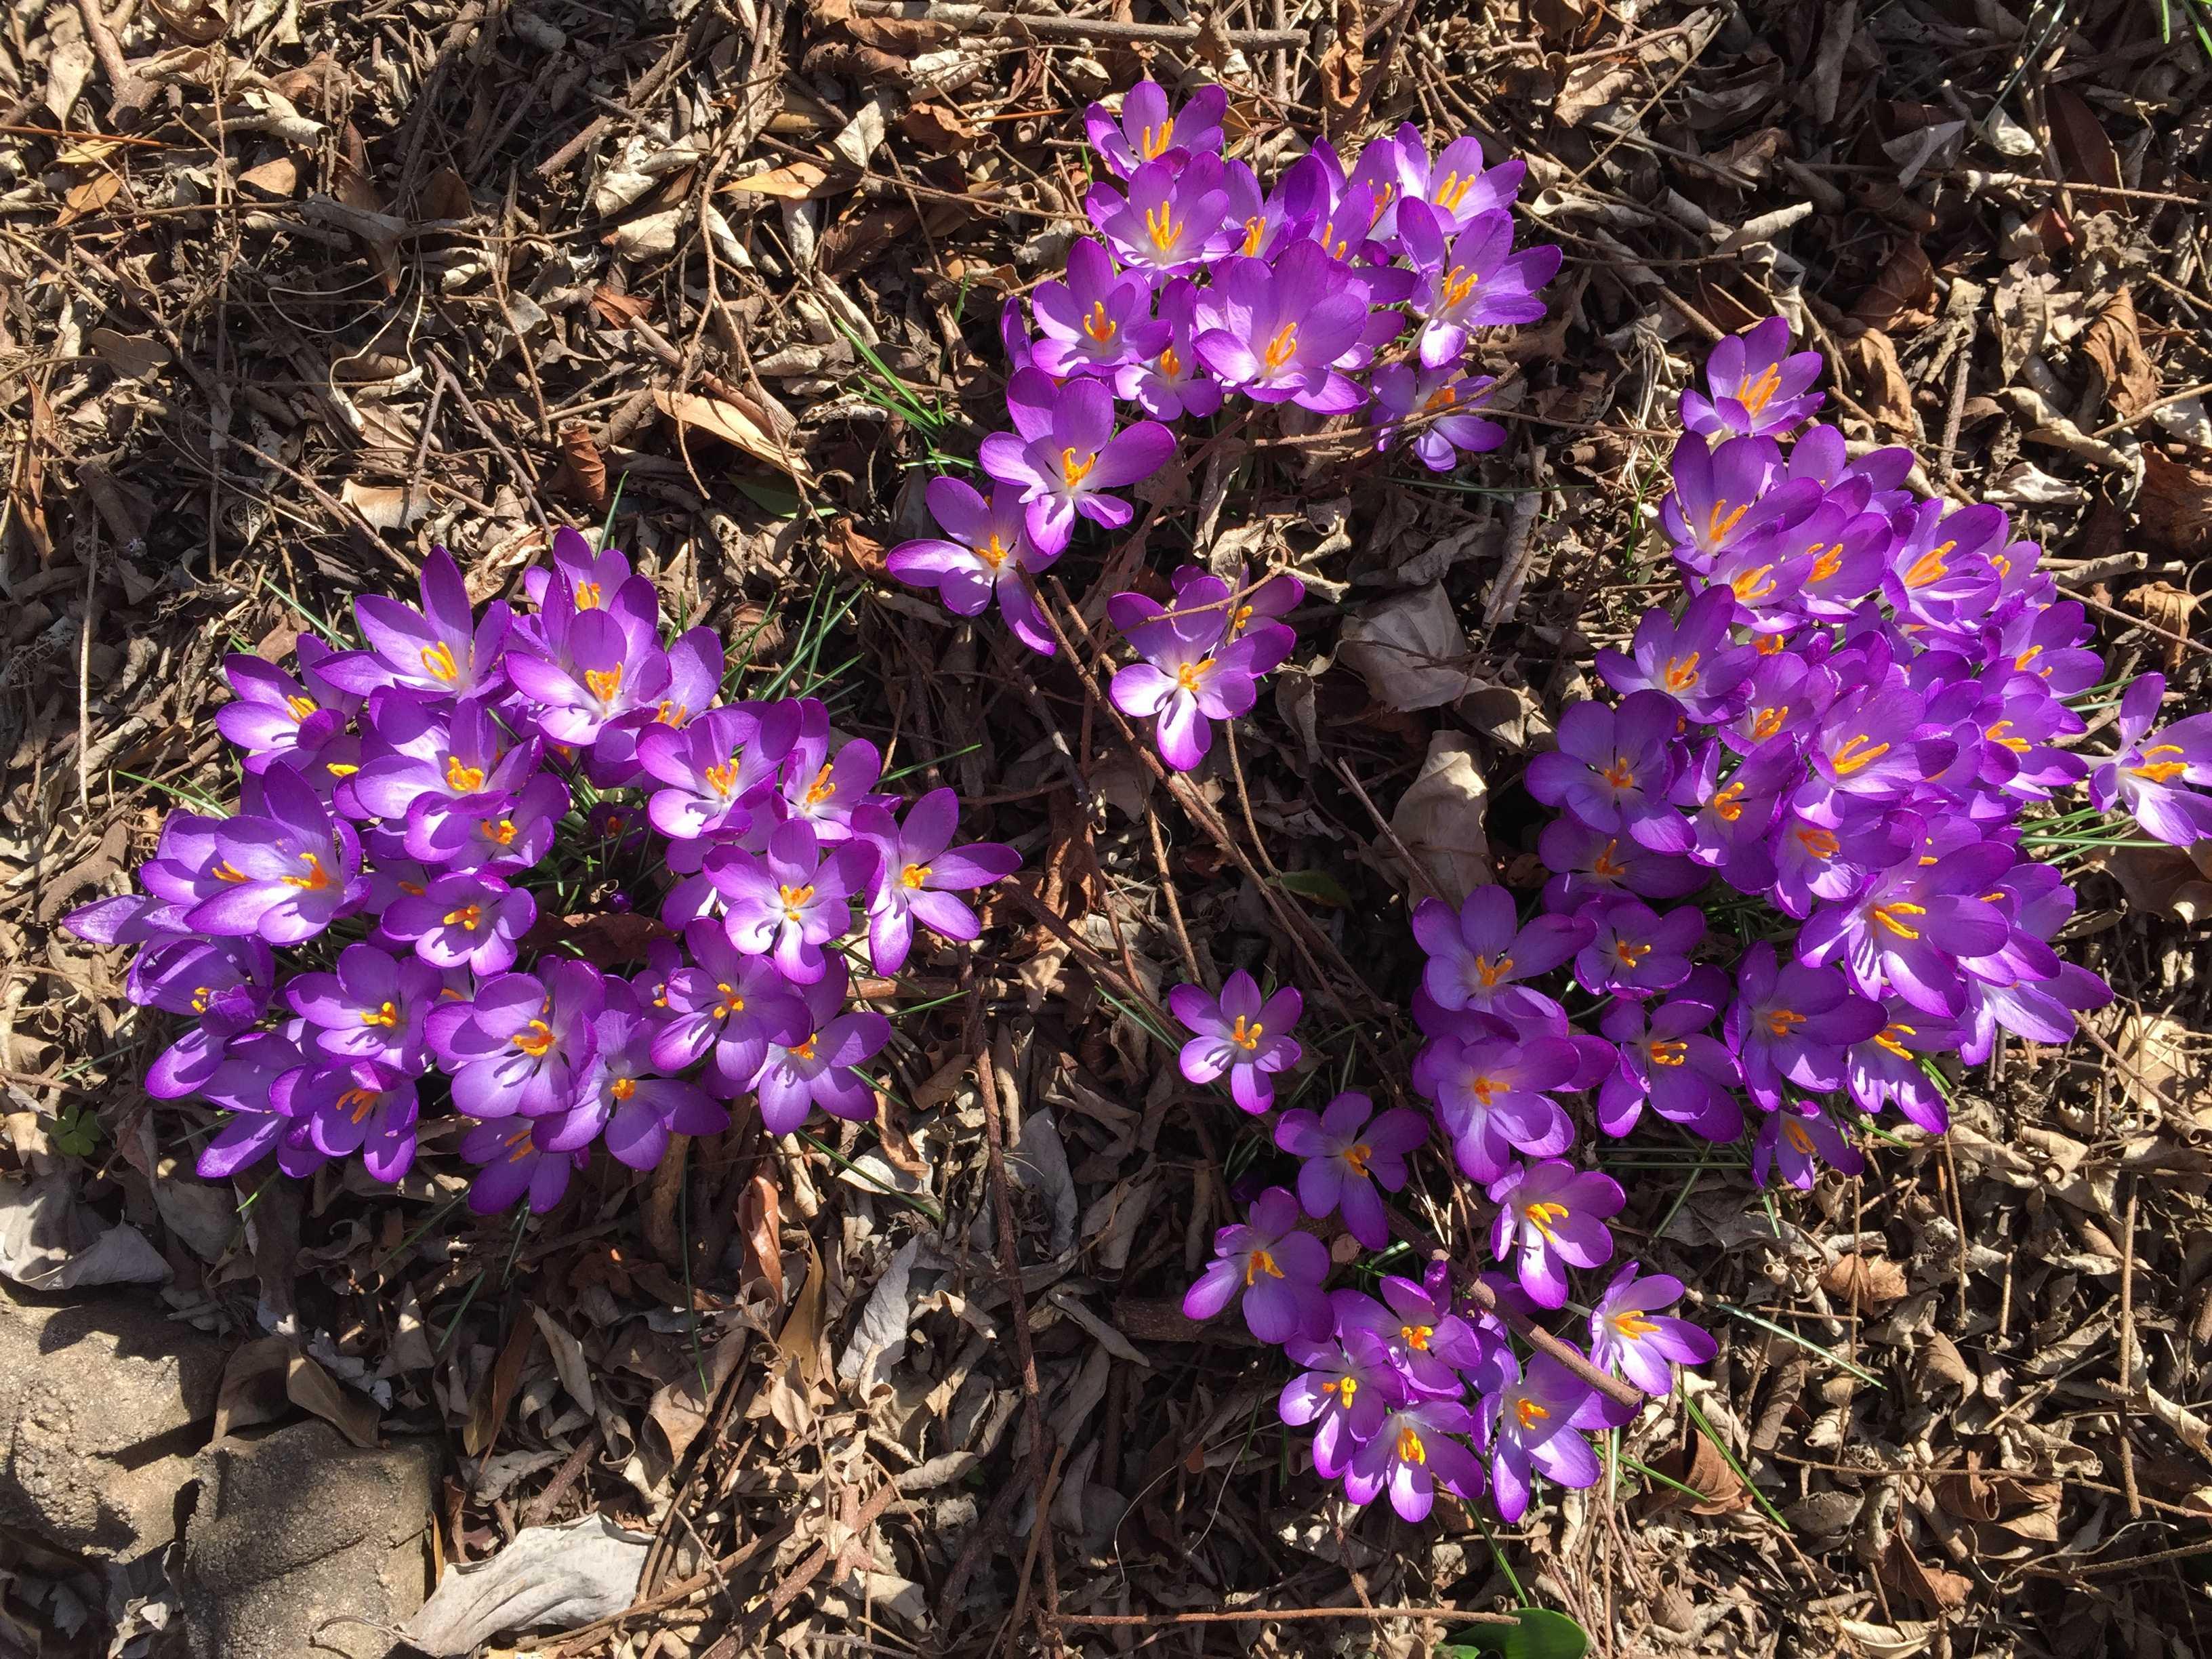 春告花 - ムラサキのクロッカス